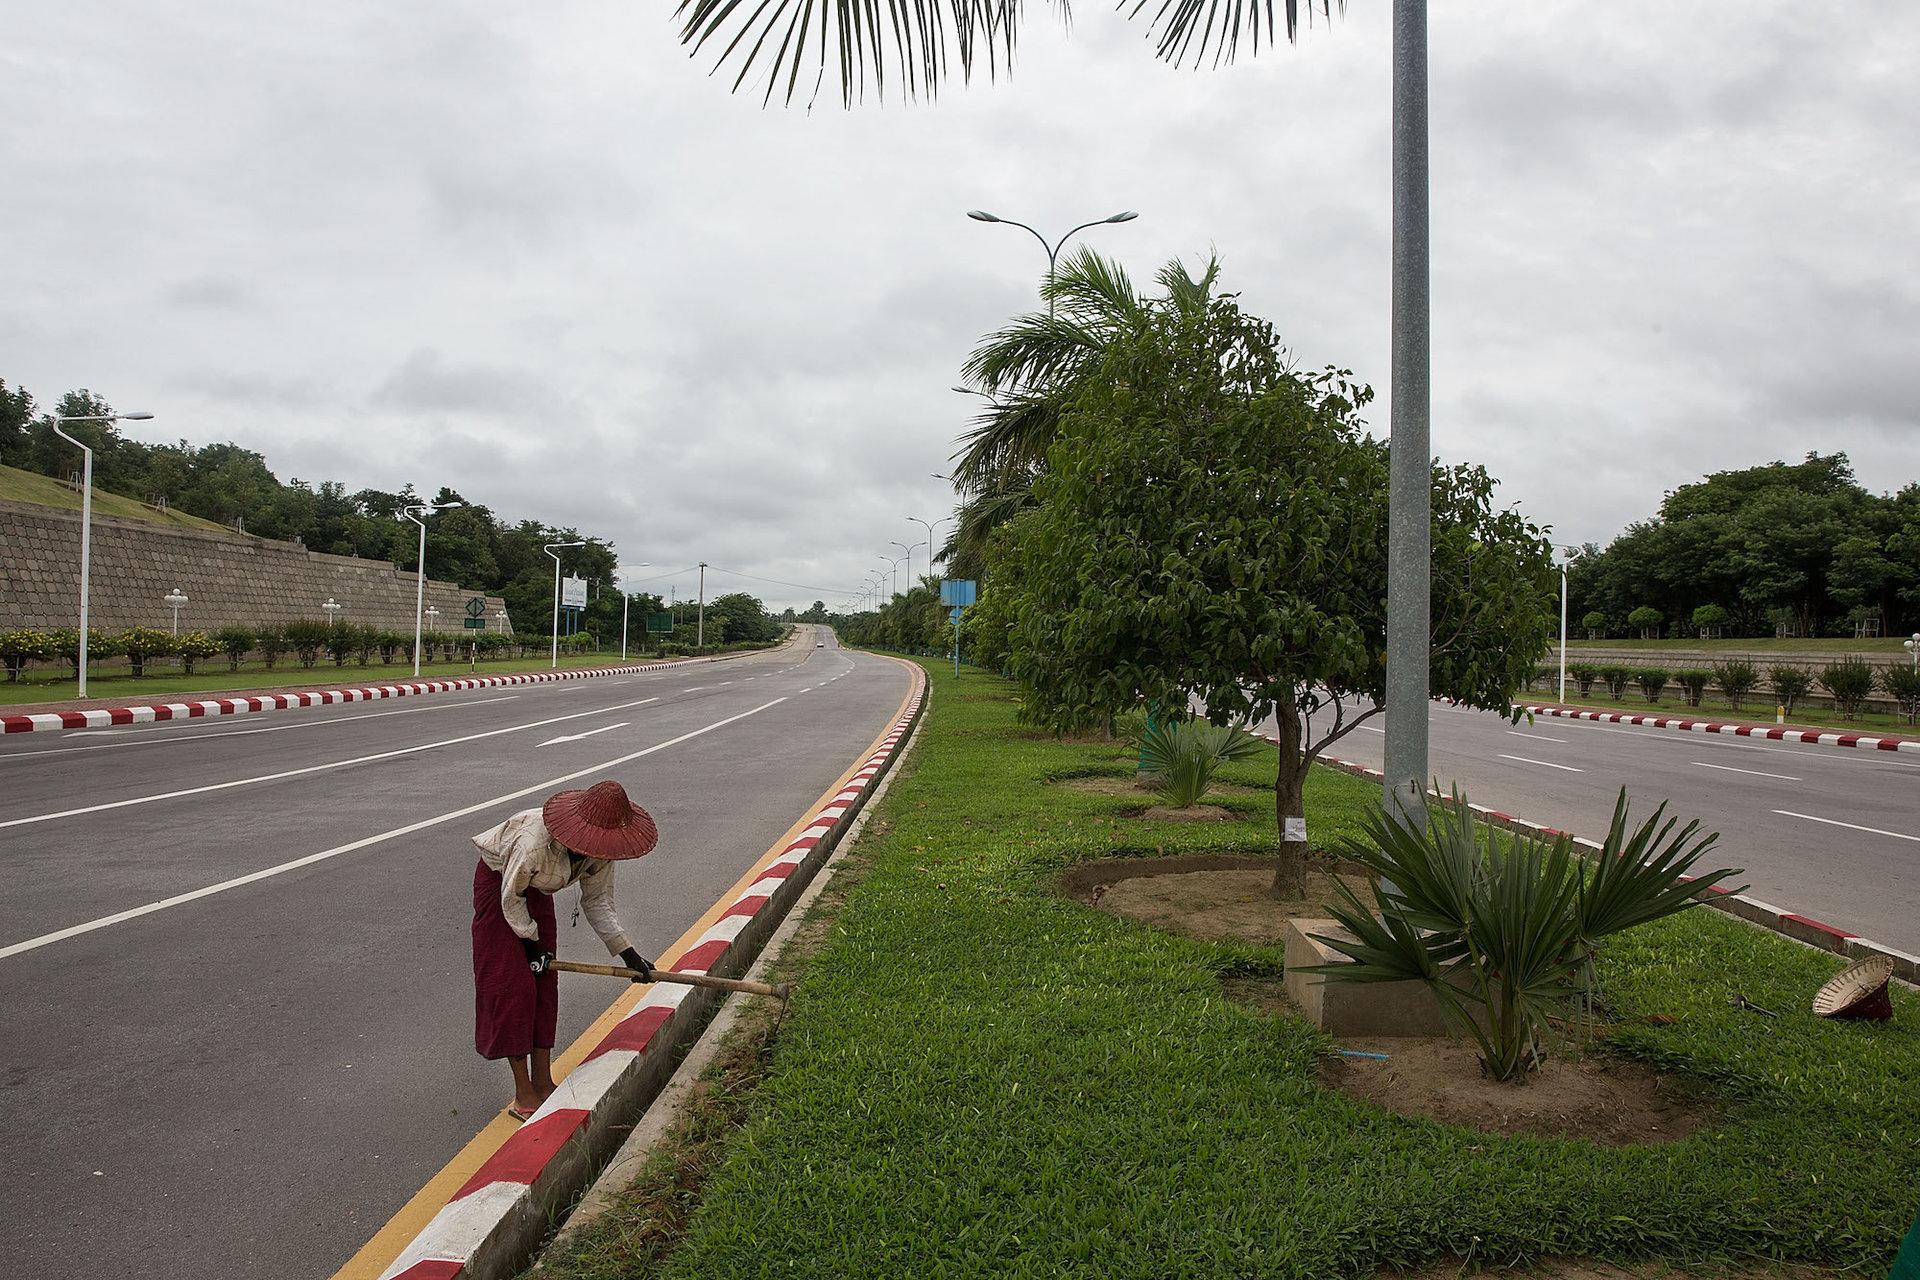 همه خیابان ها و بزرگراه ها با فضاهای سبز مزین و زیباسازی شده اند اما کسی نیست که از وجودشان لذت ببرد.